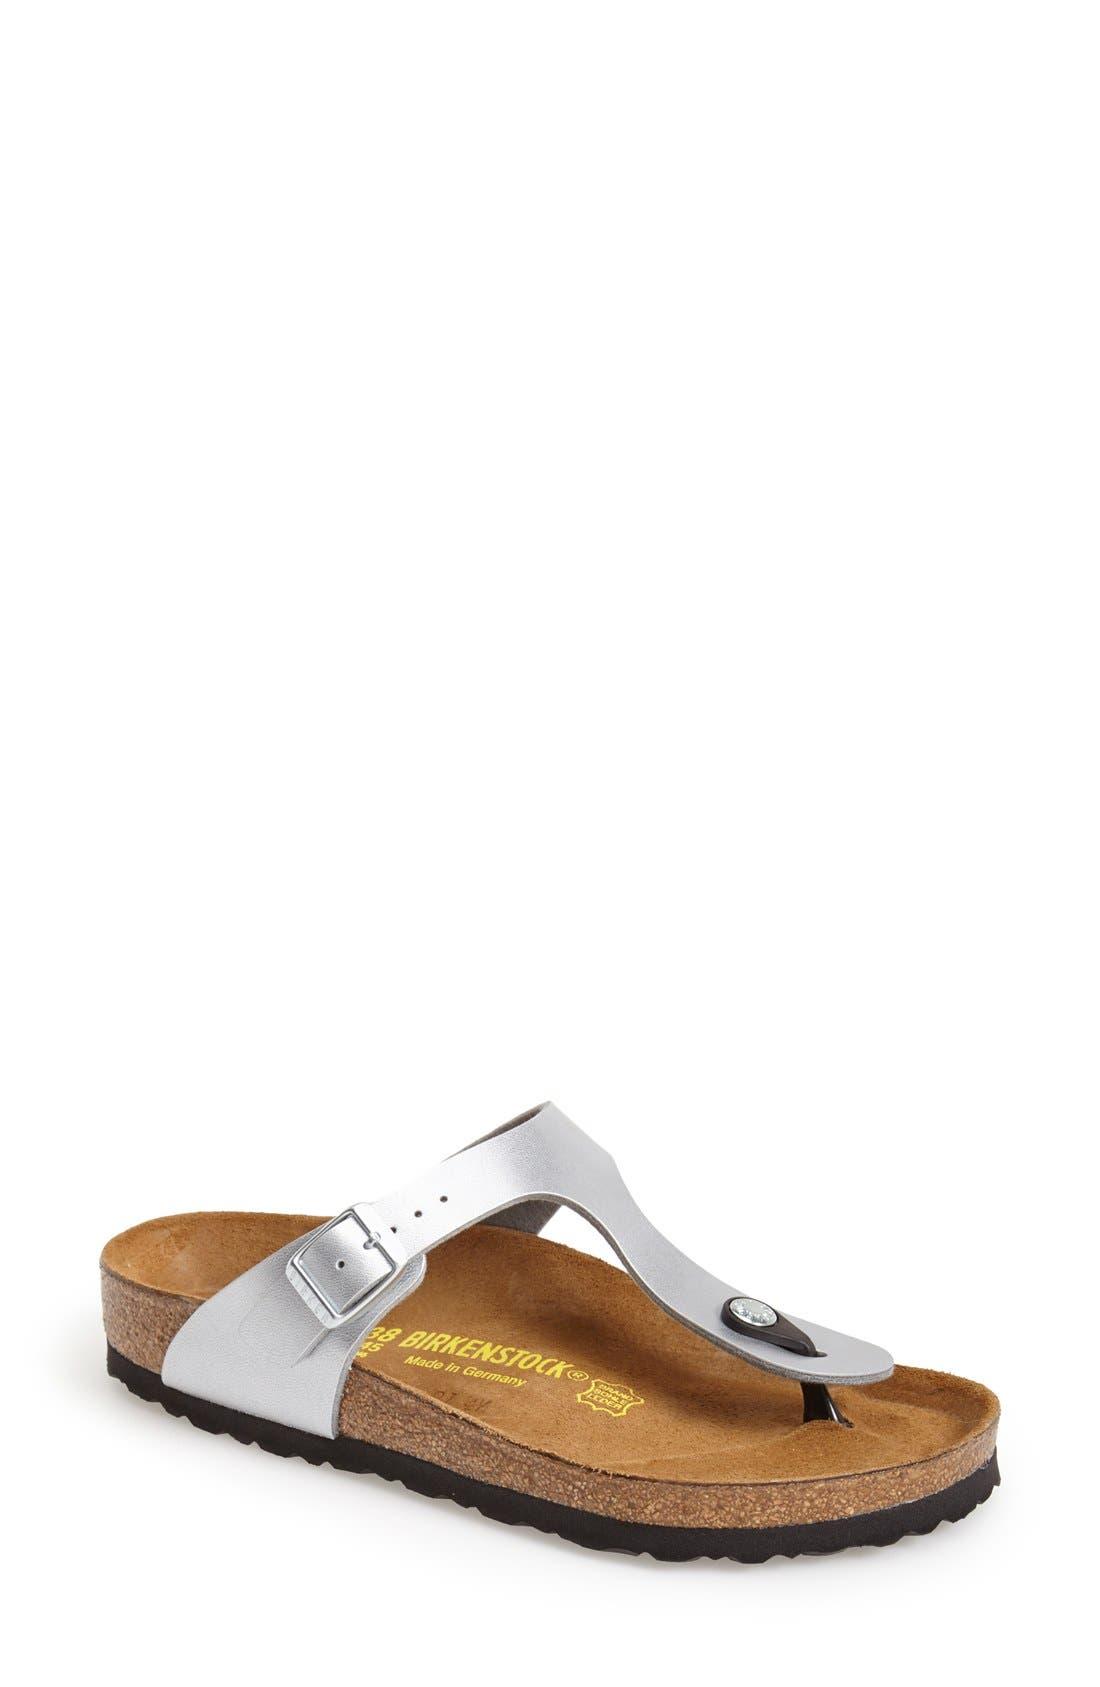 aec928b18 Women s Sandals